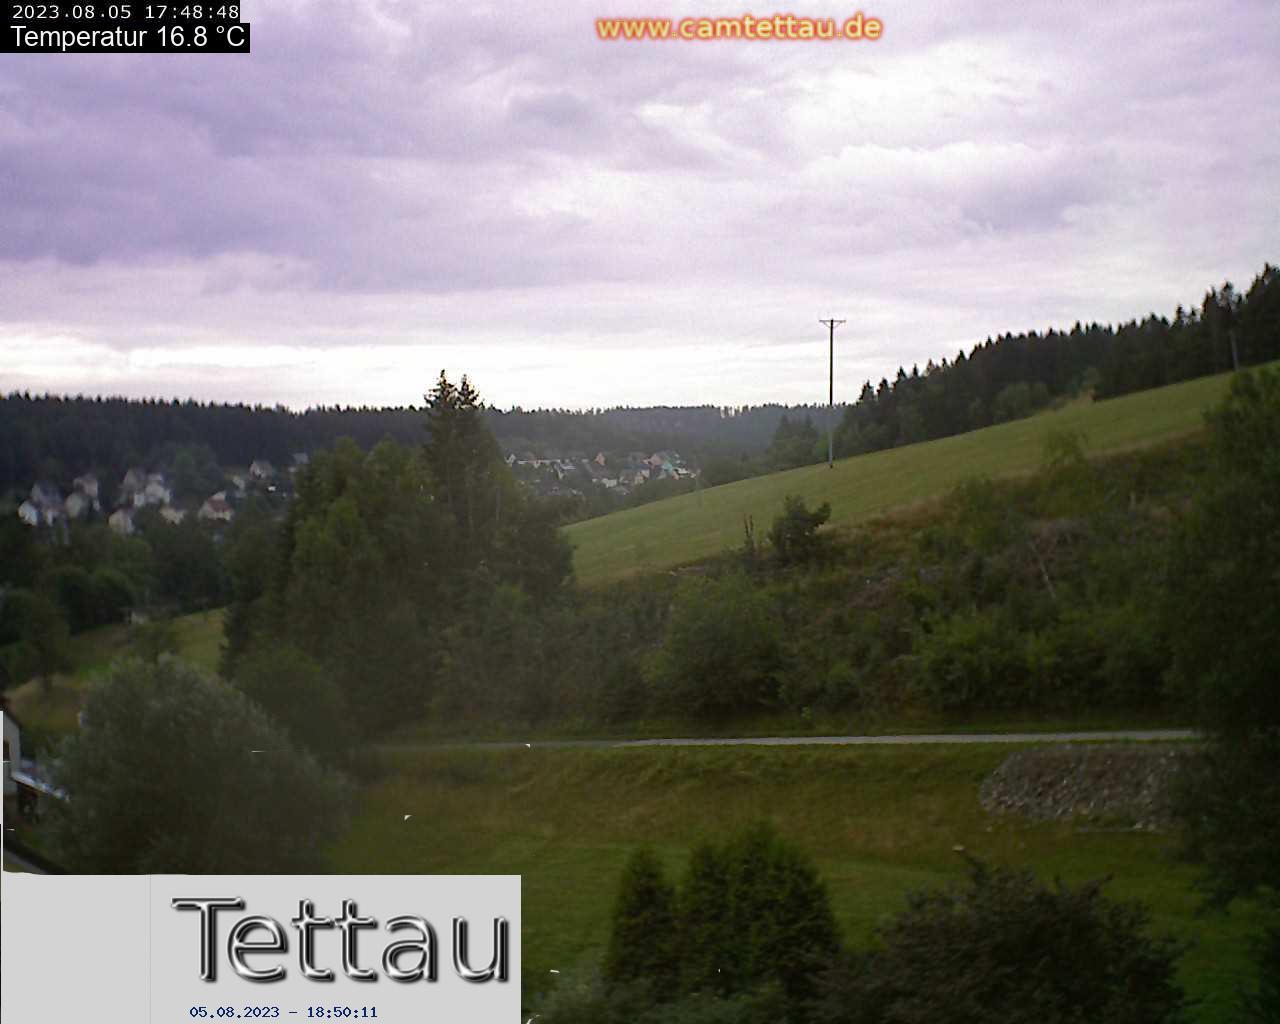 Tettau (Bavaria) Mon. 18:55